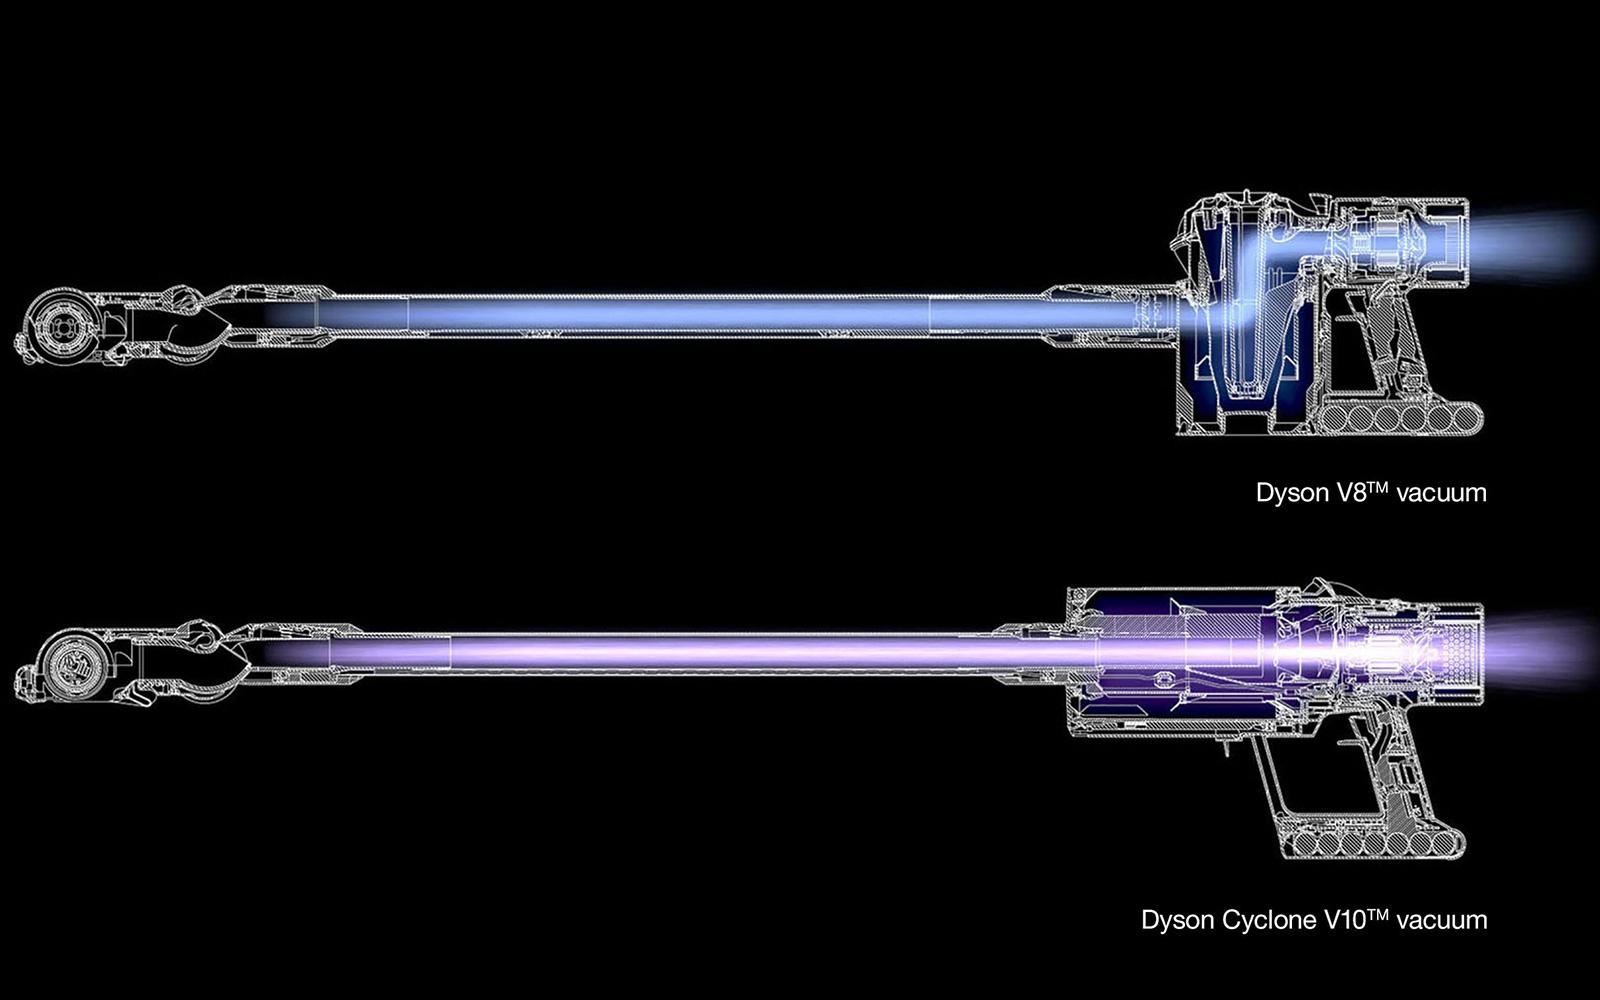 ダイソンが新コードレス掃除機cyclone v10発表 毎分12万5000回転